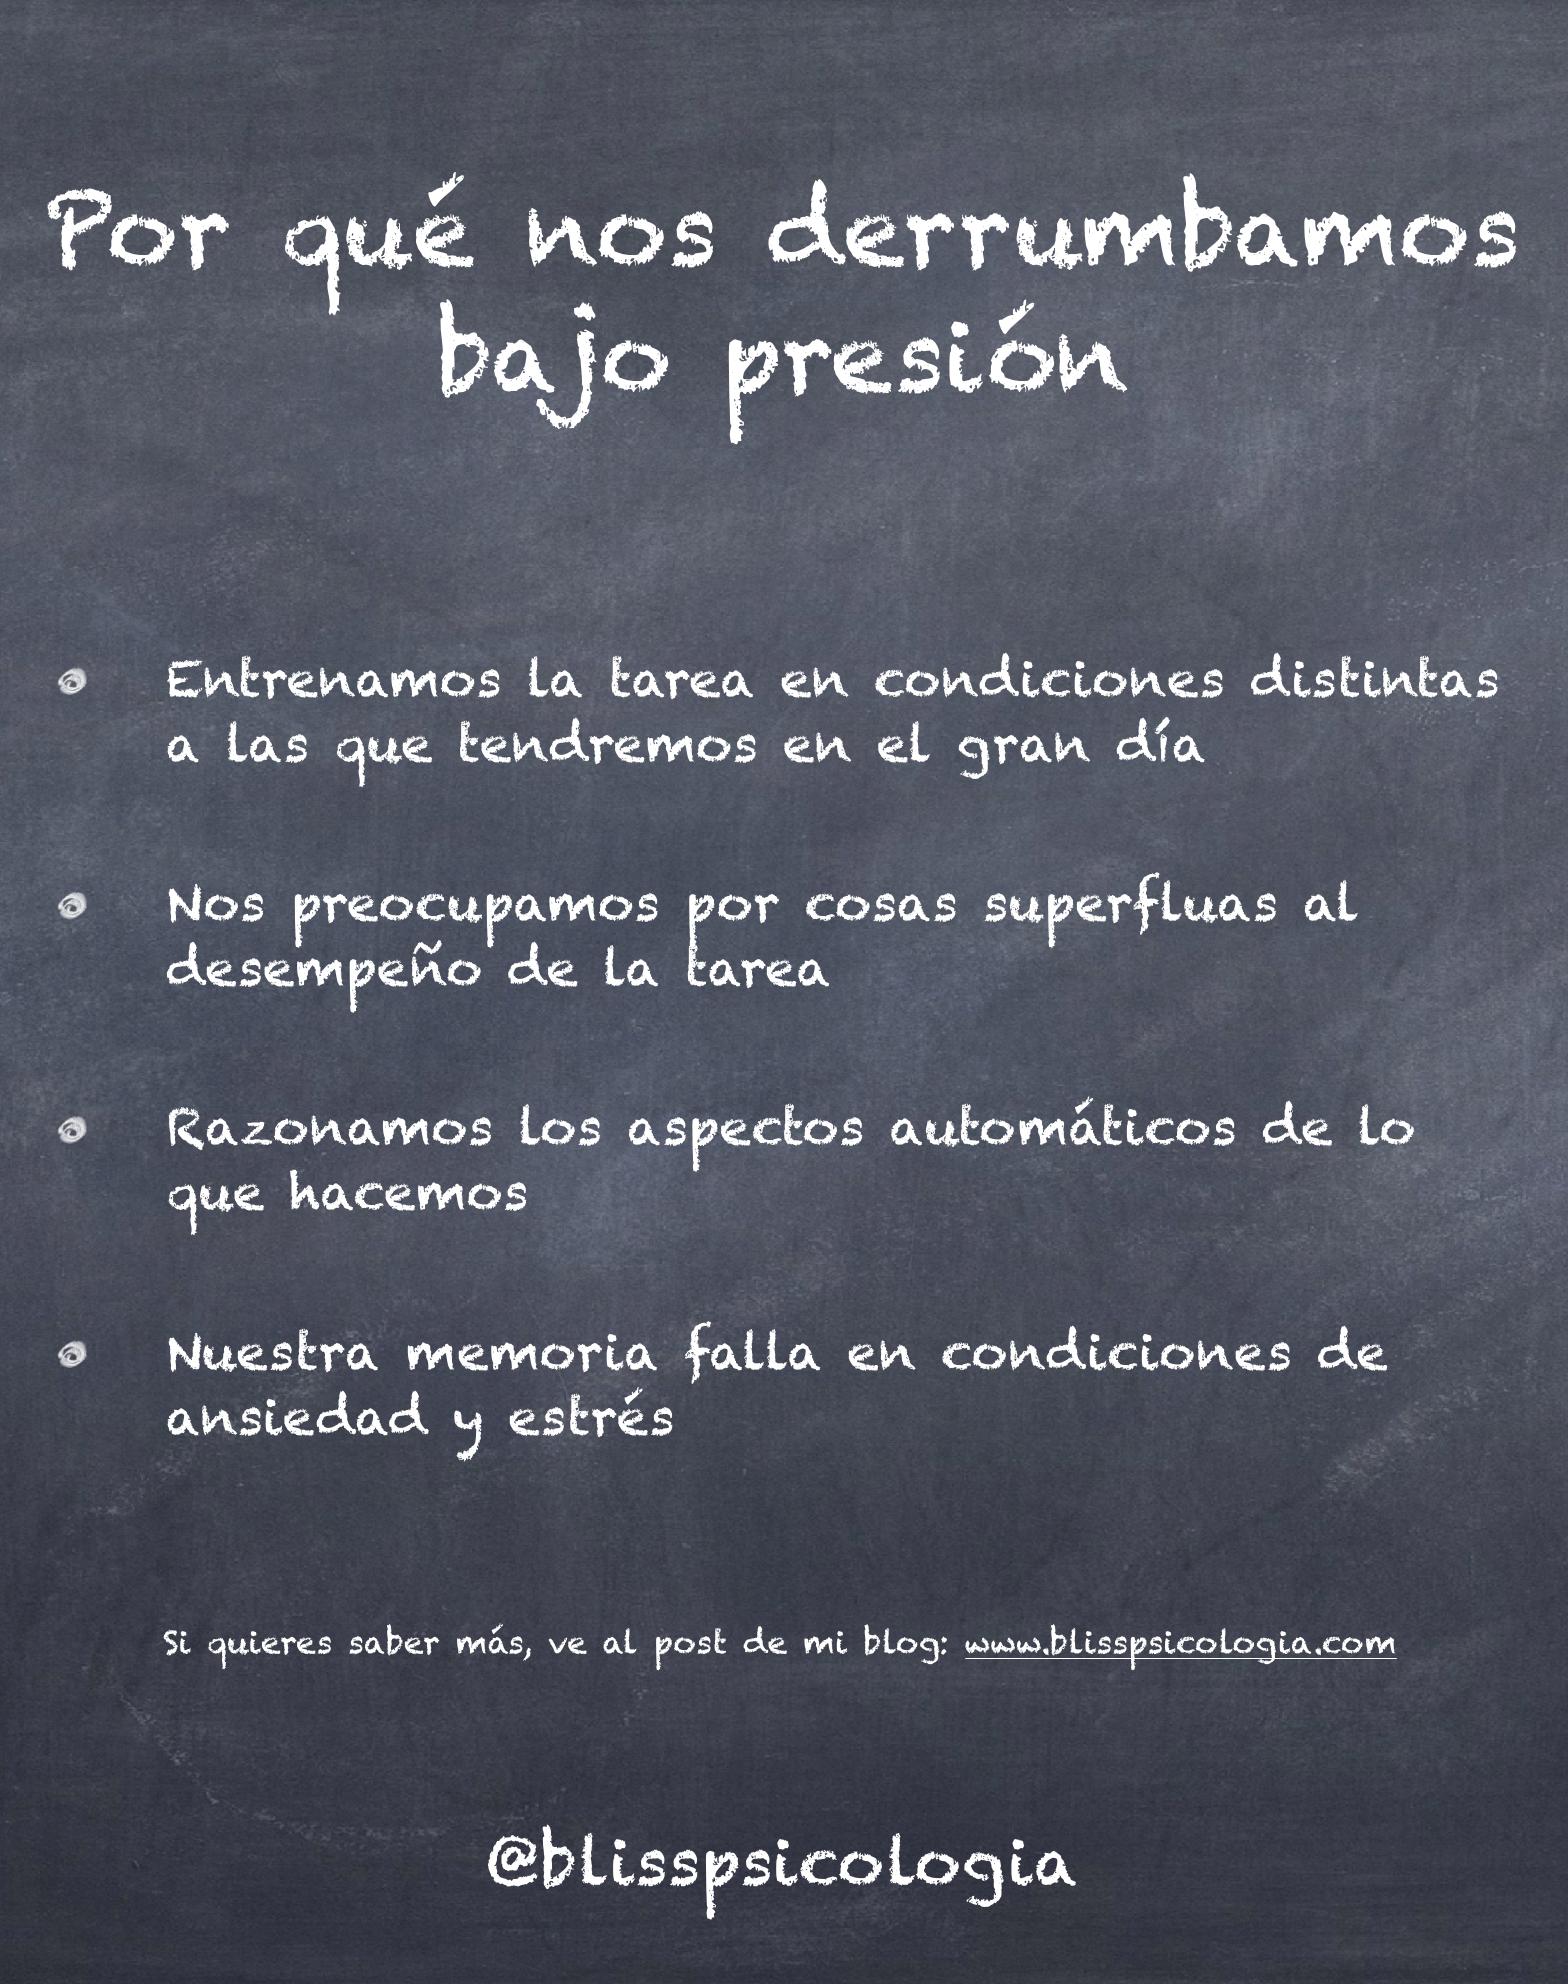 4 razones @blisspsicologia